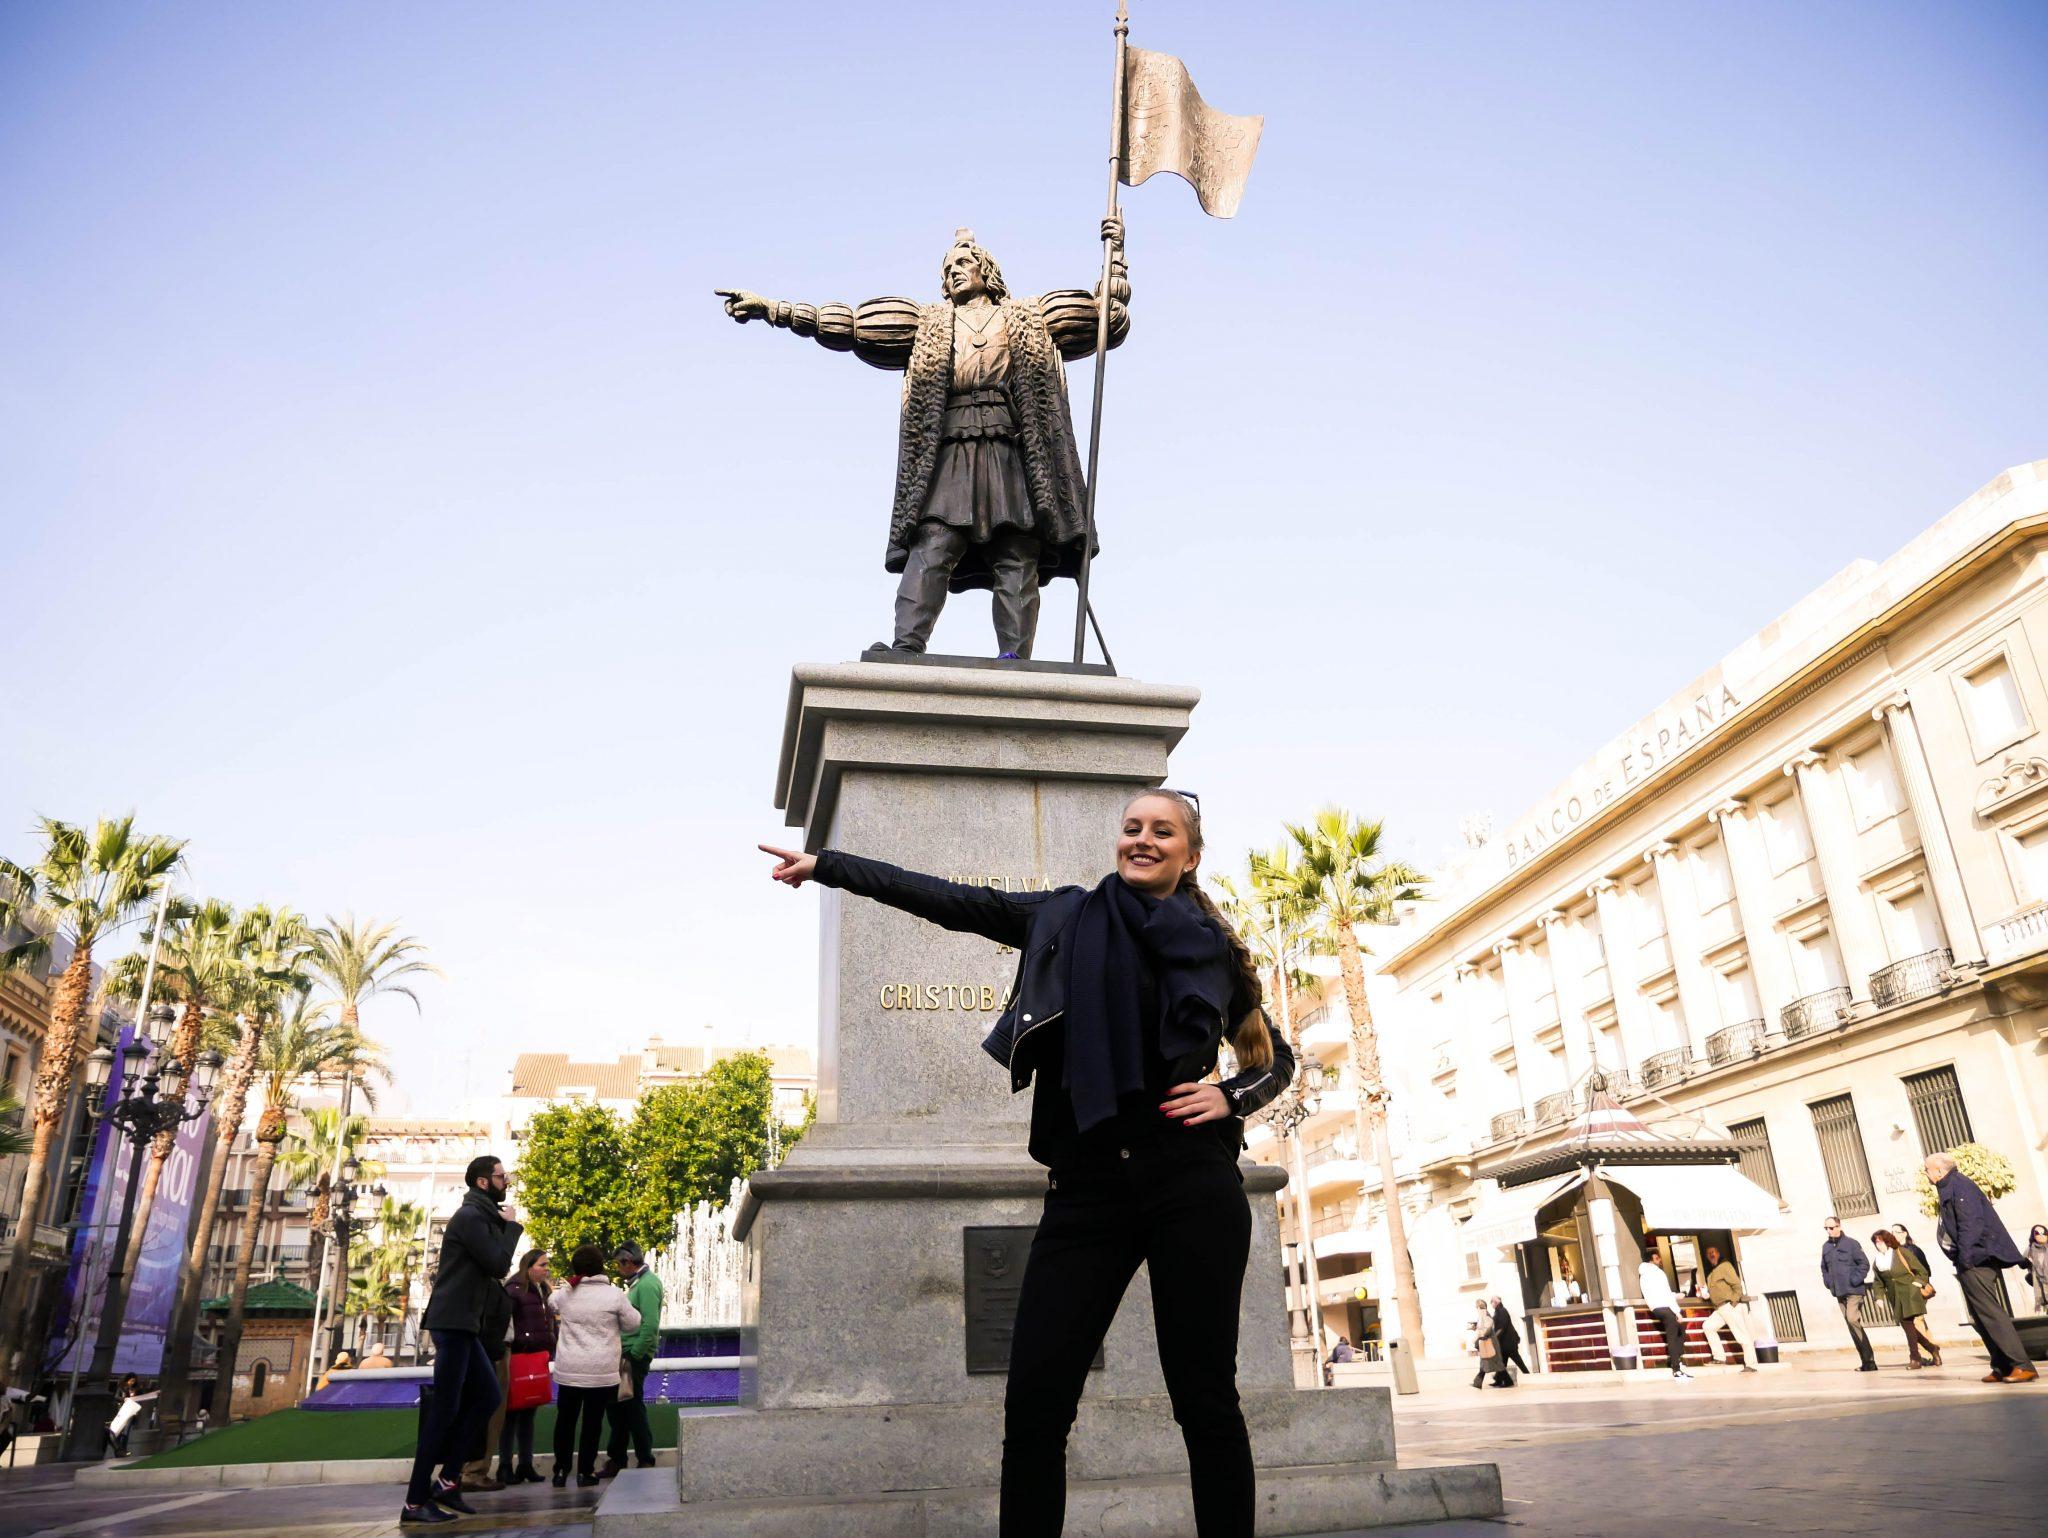 """Huelva: Von dort aus wollte Christoph Kolumbus nach Indien fahren und ist dann in der """"neuen Welt"""", Amerika, angekommen."""